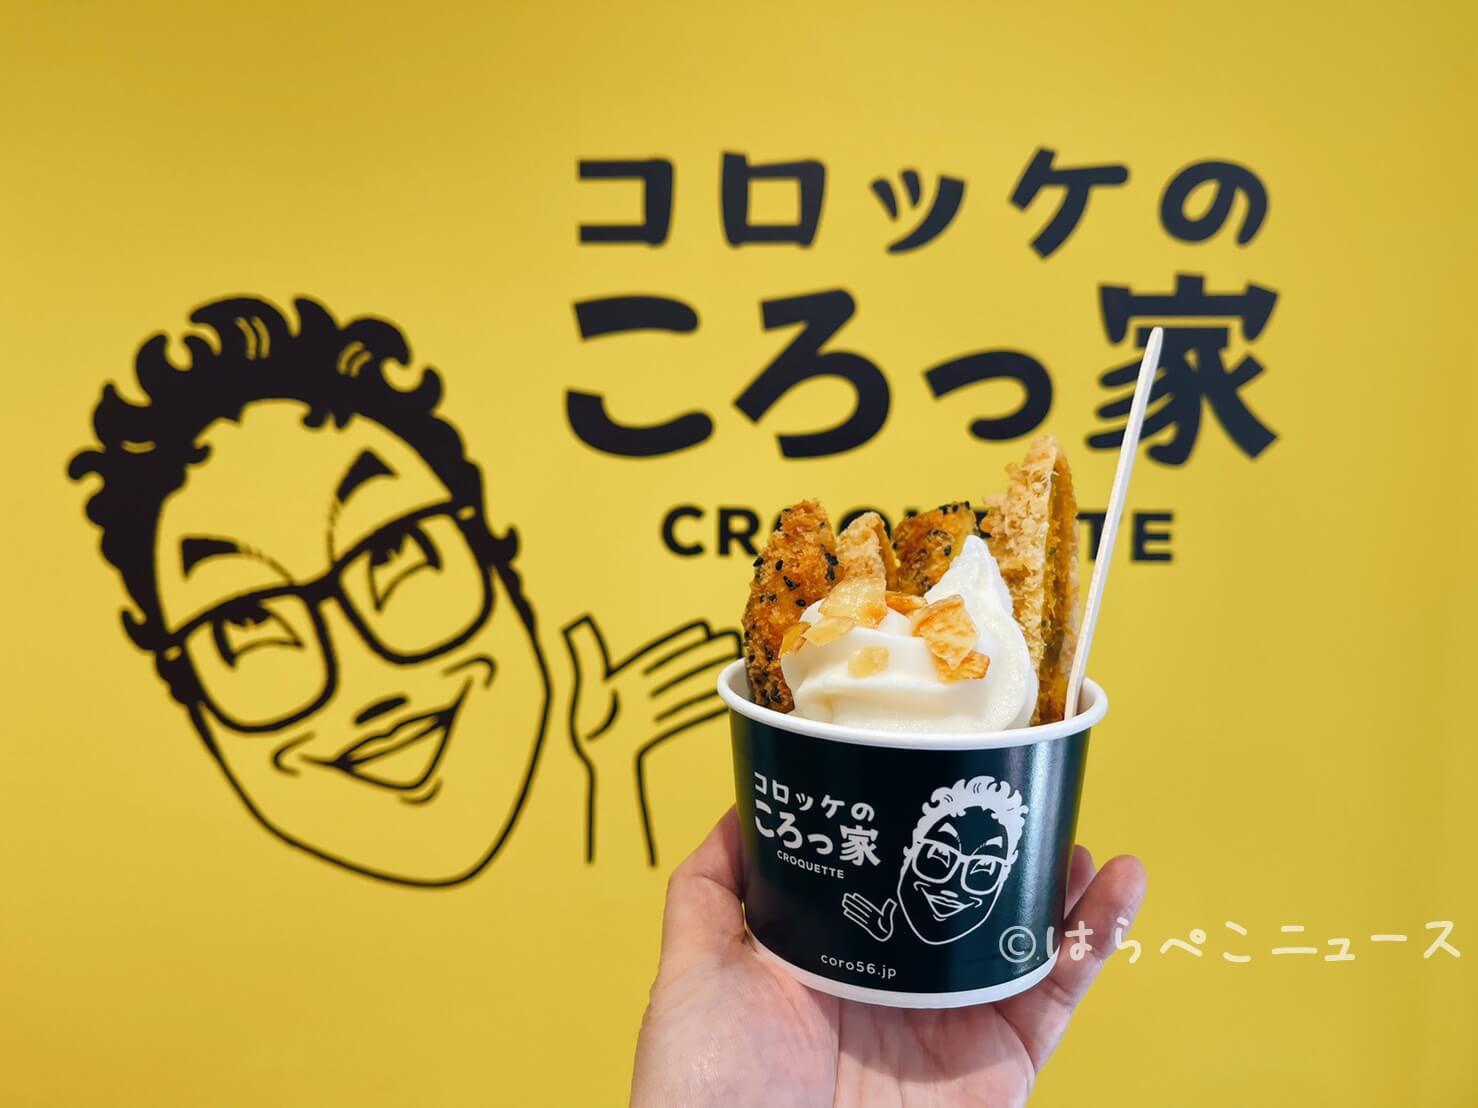 【実食レポ】『コロッケのころっ家』でコロッケパフェ!ものまねタレント「コロッケ」プロデュース!